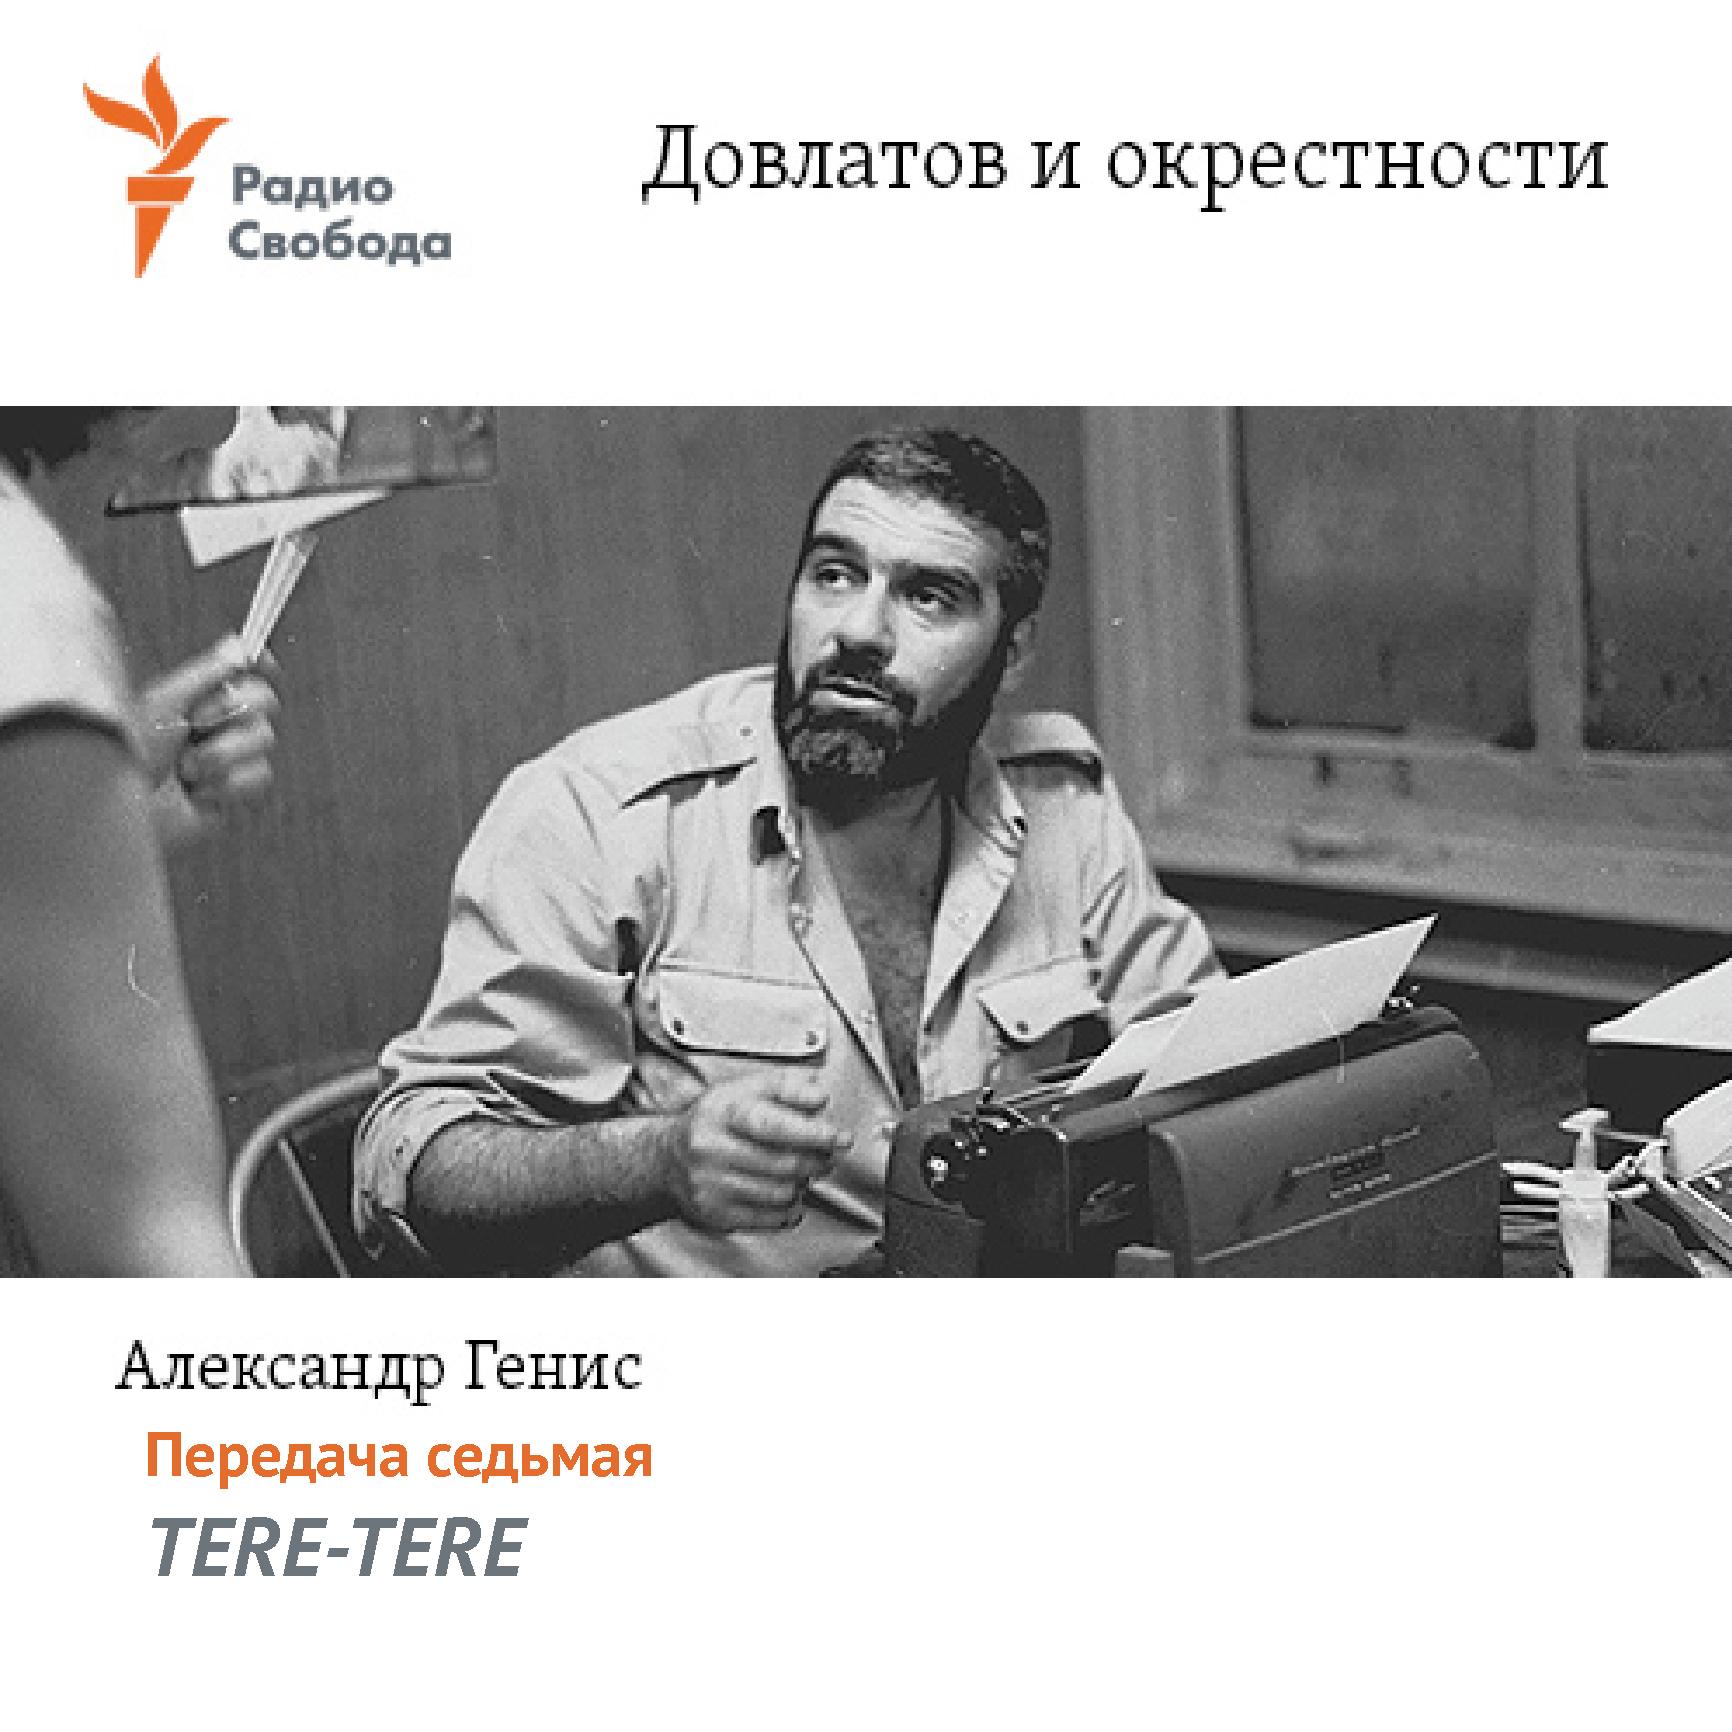 Александр Генис Довлатов и окрестности. Передача седьмая «TERE-TERE»